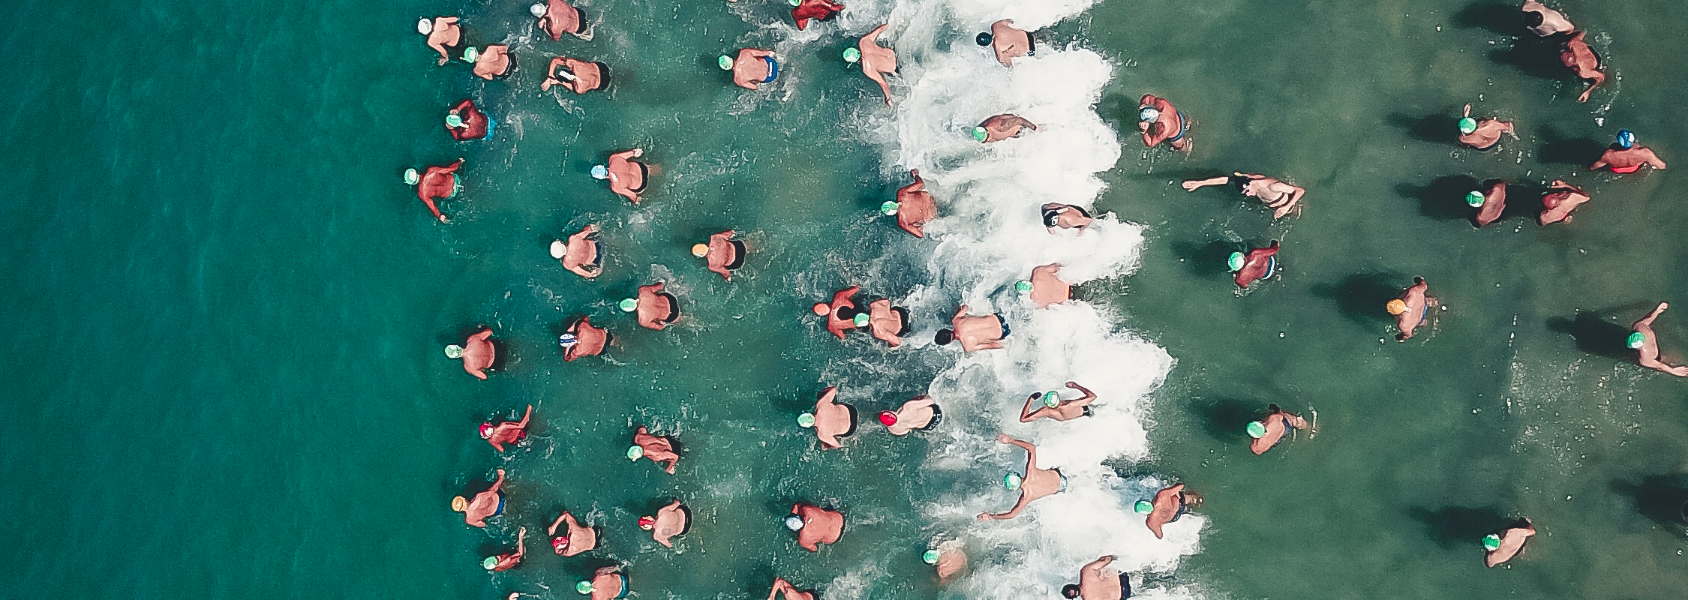 natation triathlon